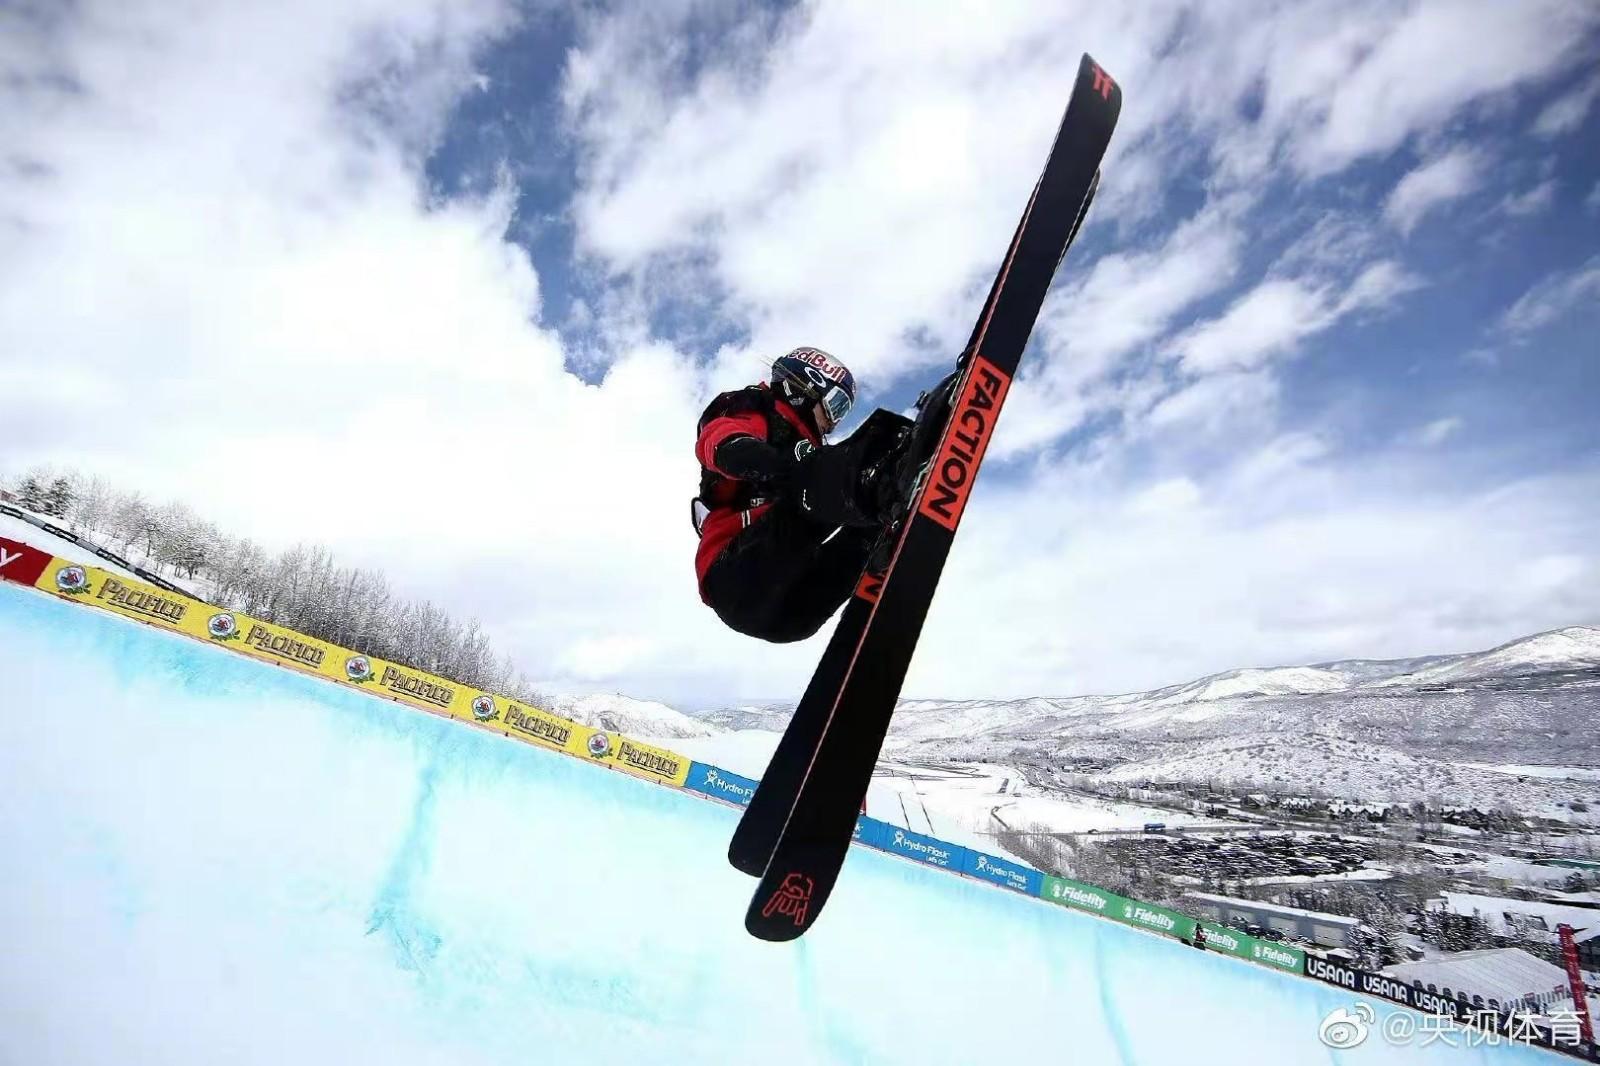 带着骨折的右手 谷爱凌预赛第一晋级滑雪世锦赛决赛_图1-1